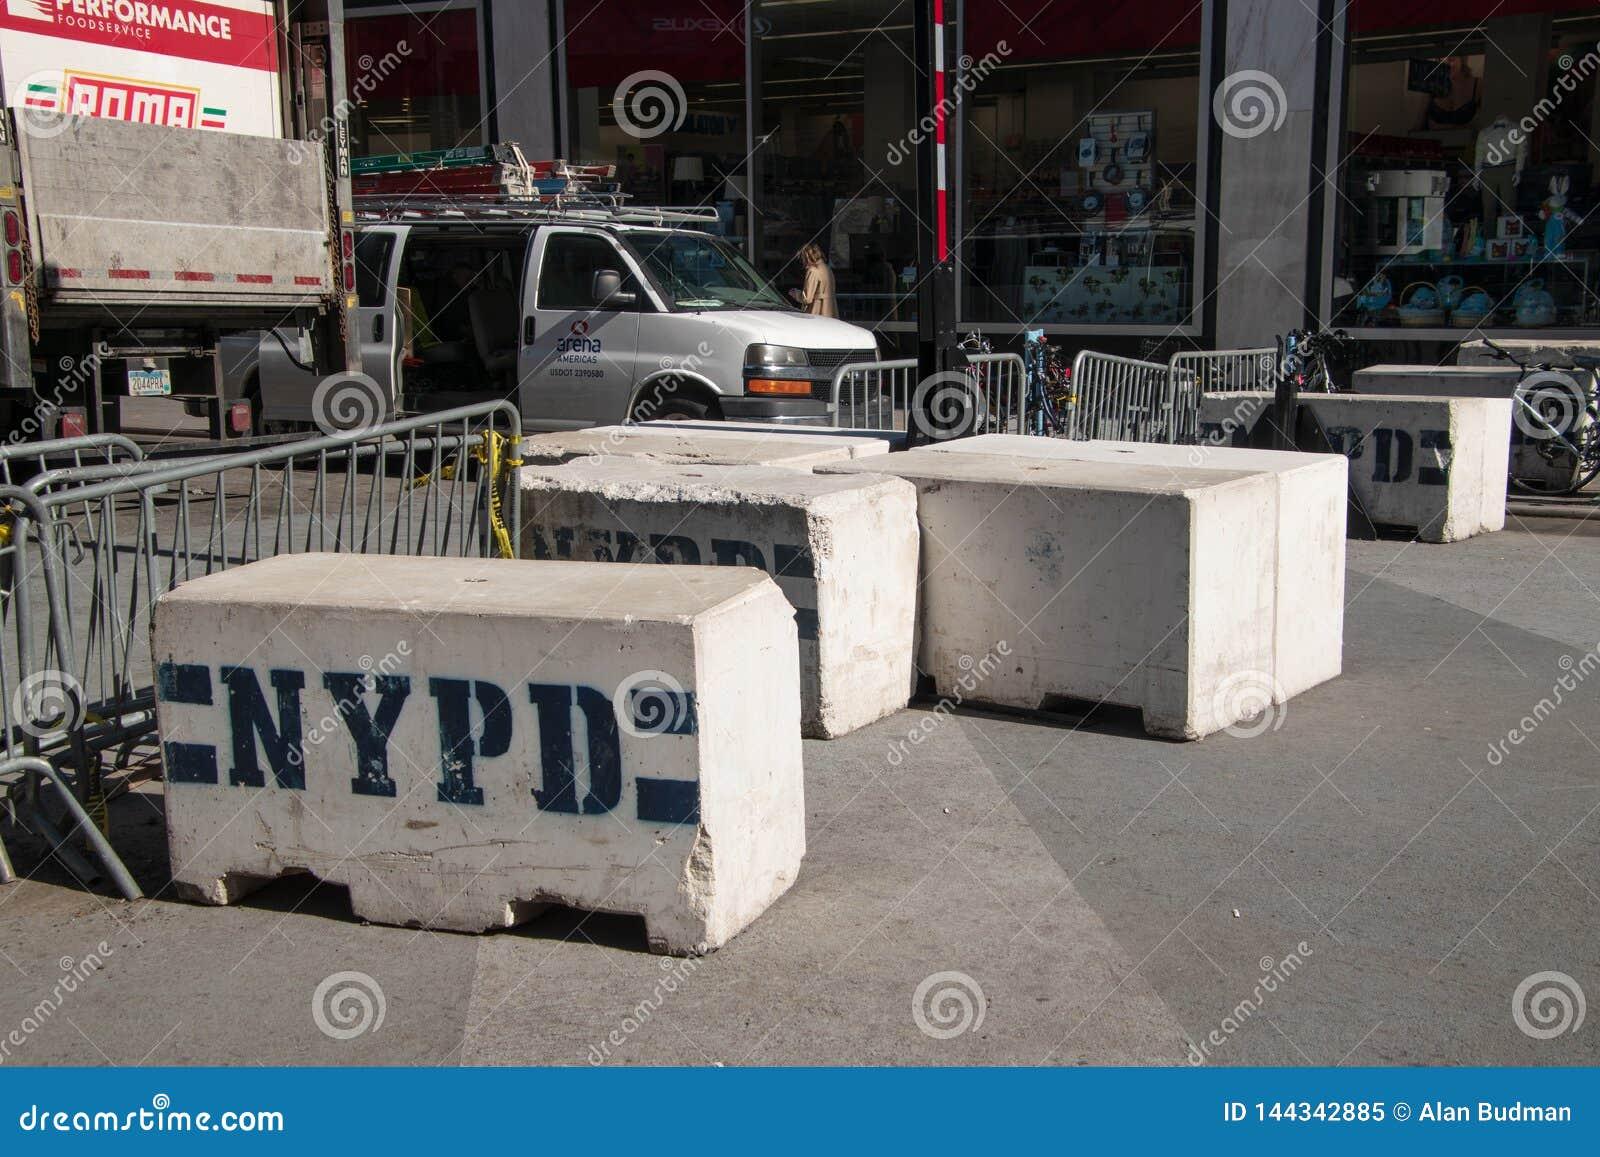 Barricadas de la calle de NYPD del hormigón y del metal en una calle de Manhattan Nueva York cerca de una comisaría de policía